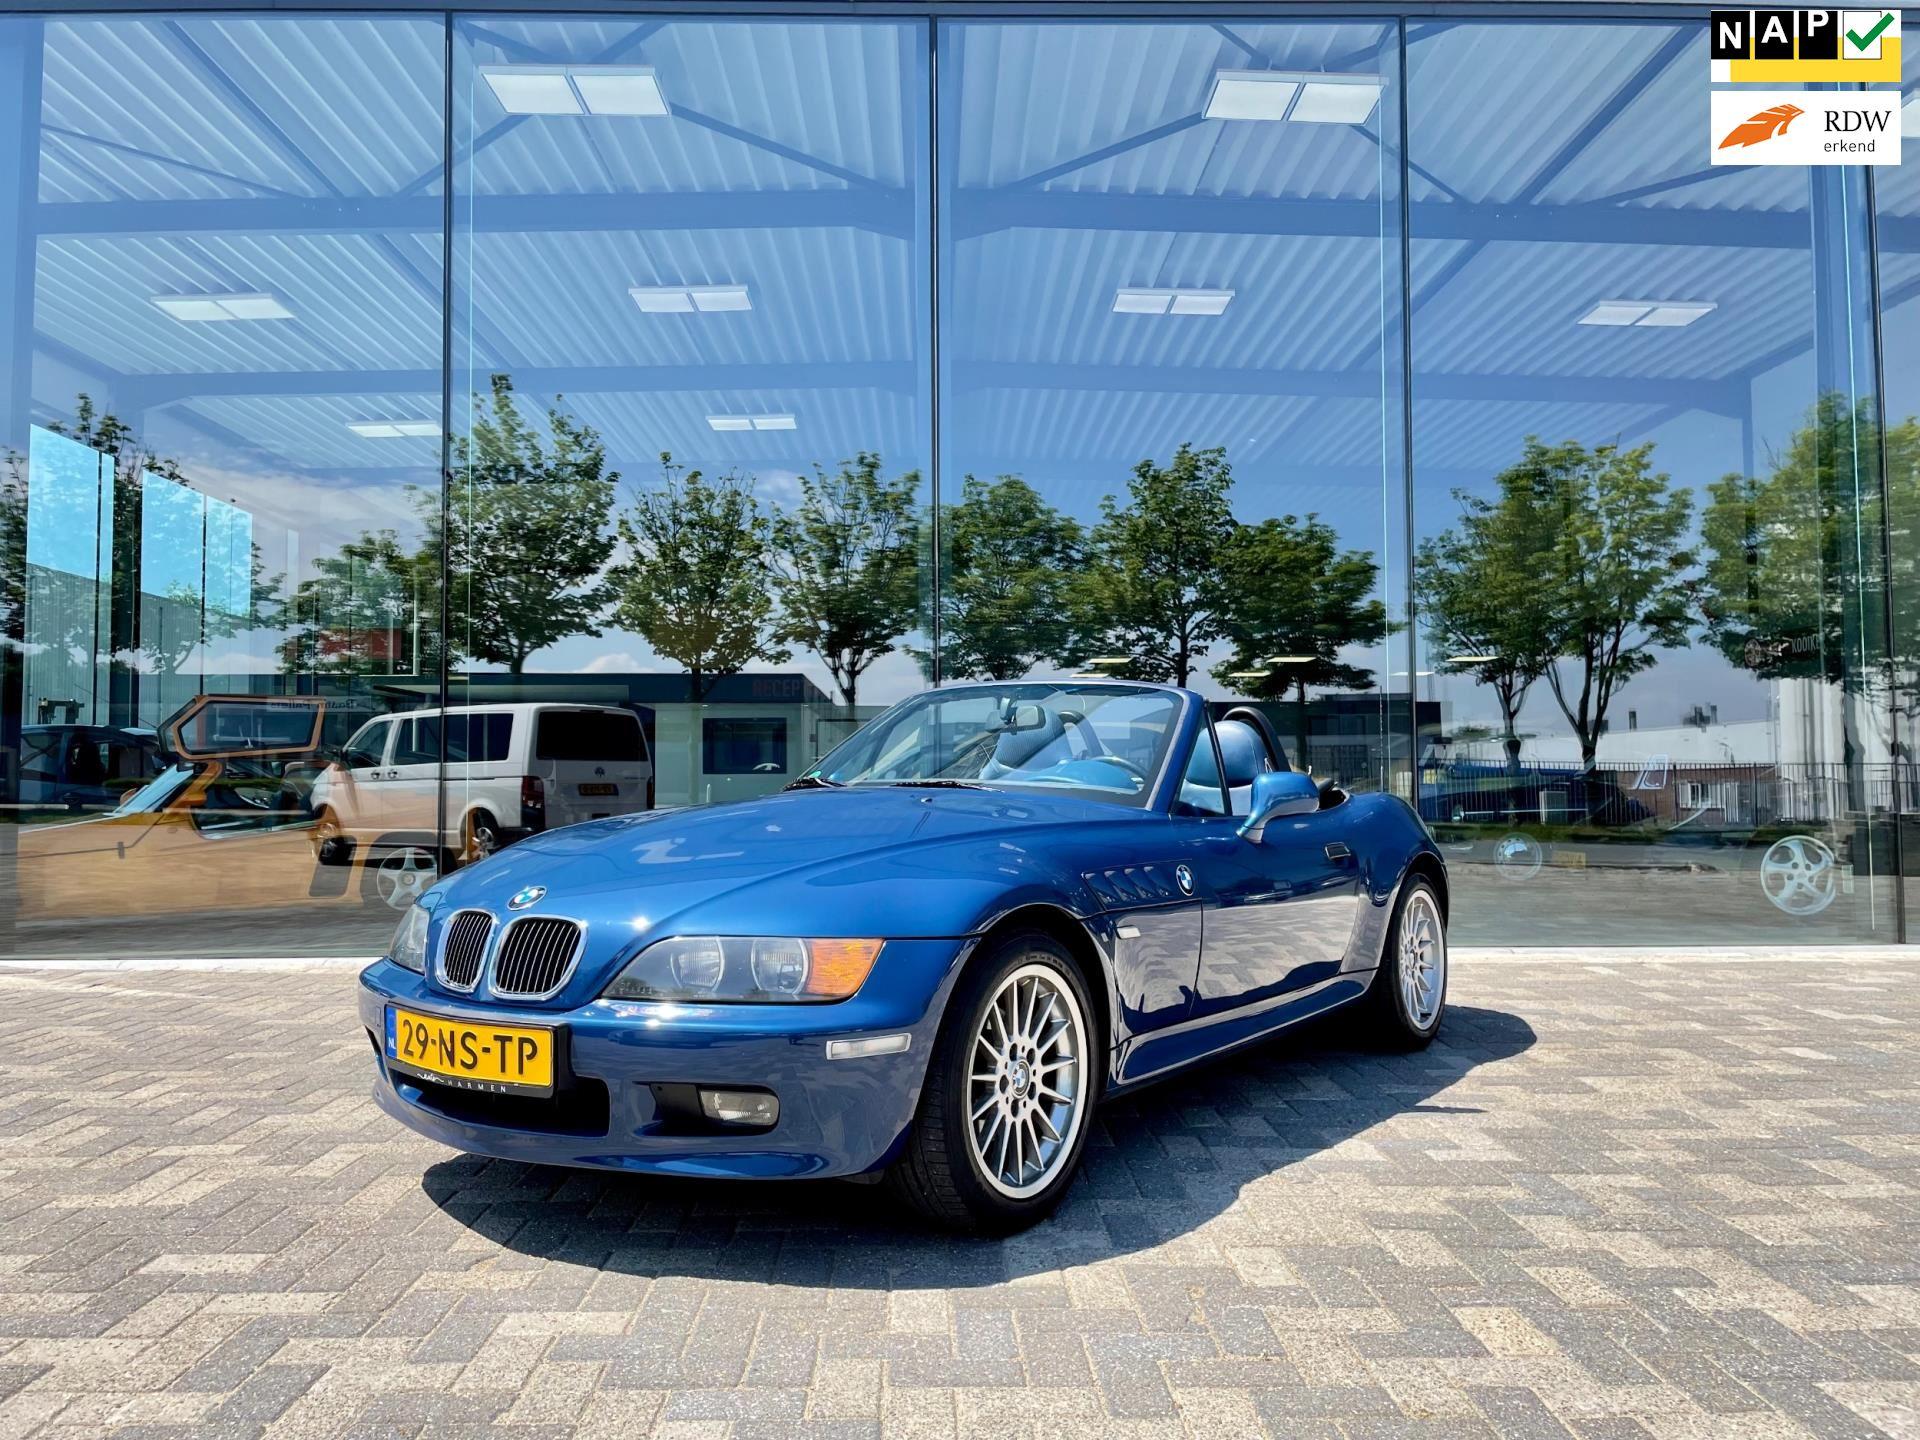 BMW Z3 Roadster occasion - auto Harmen